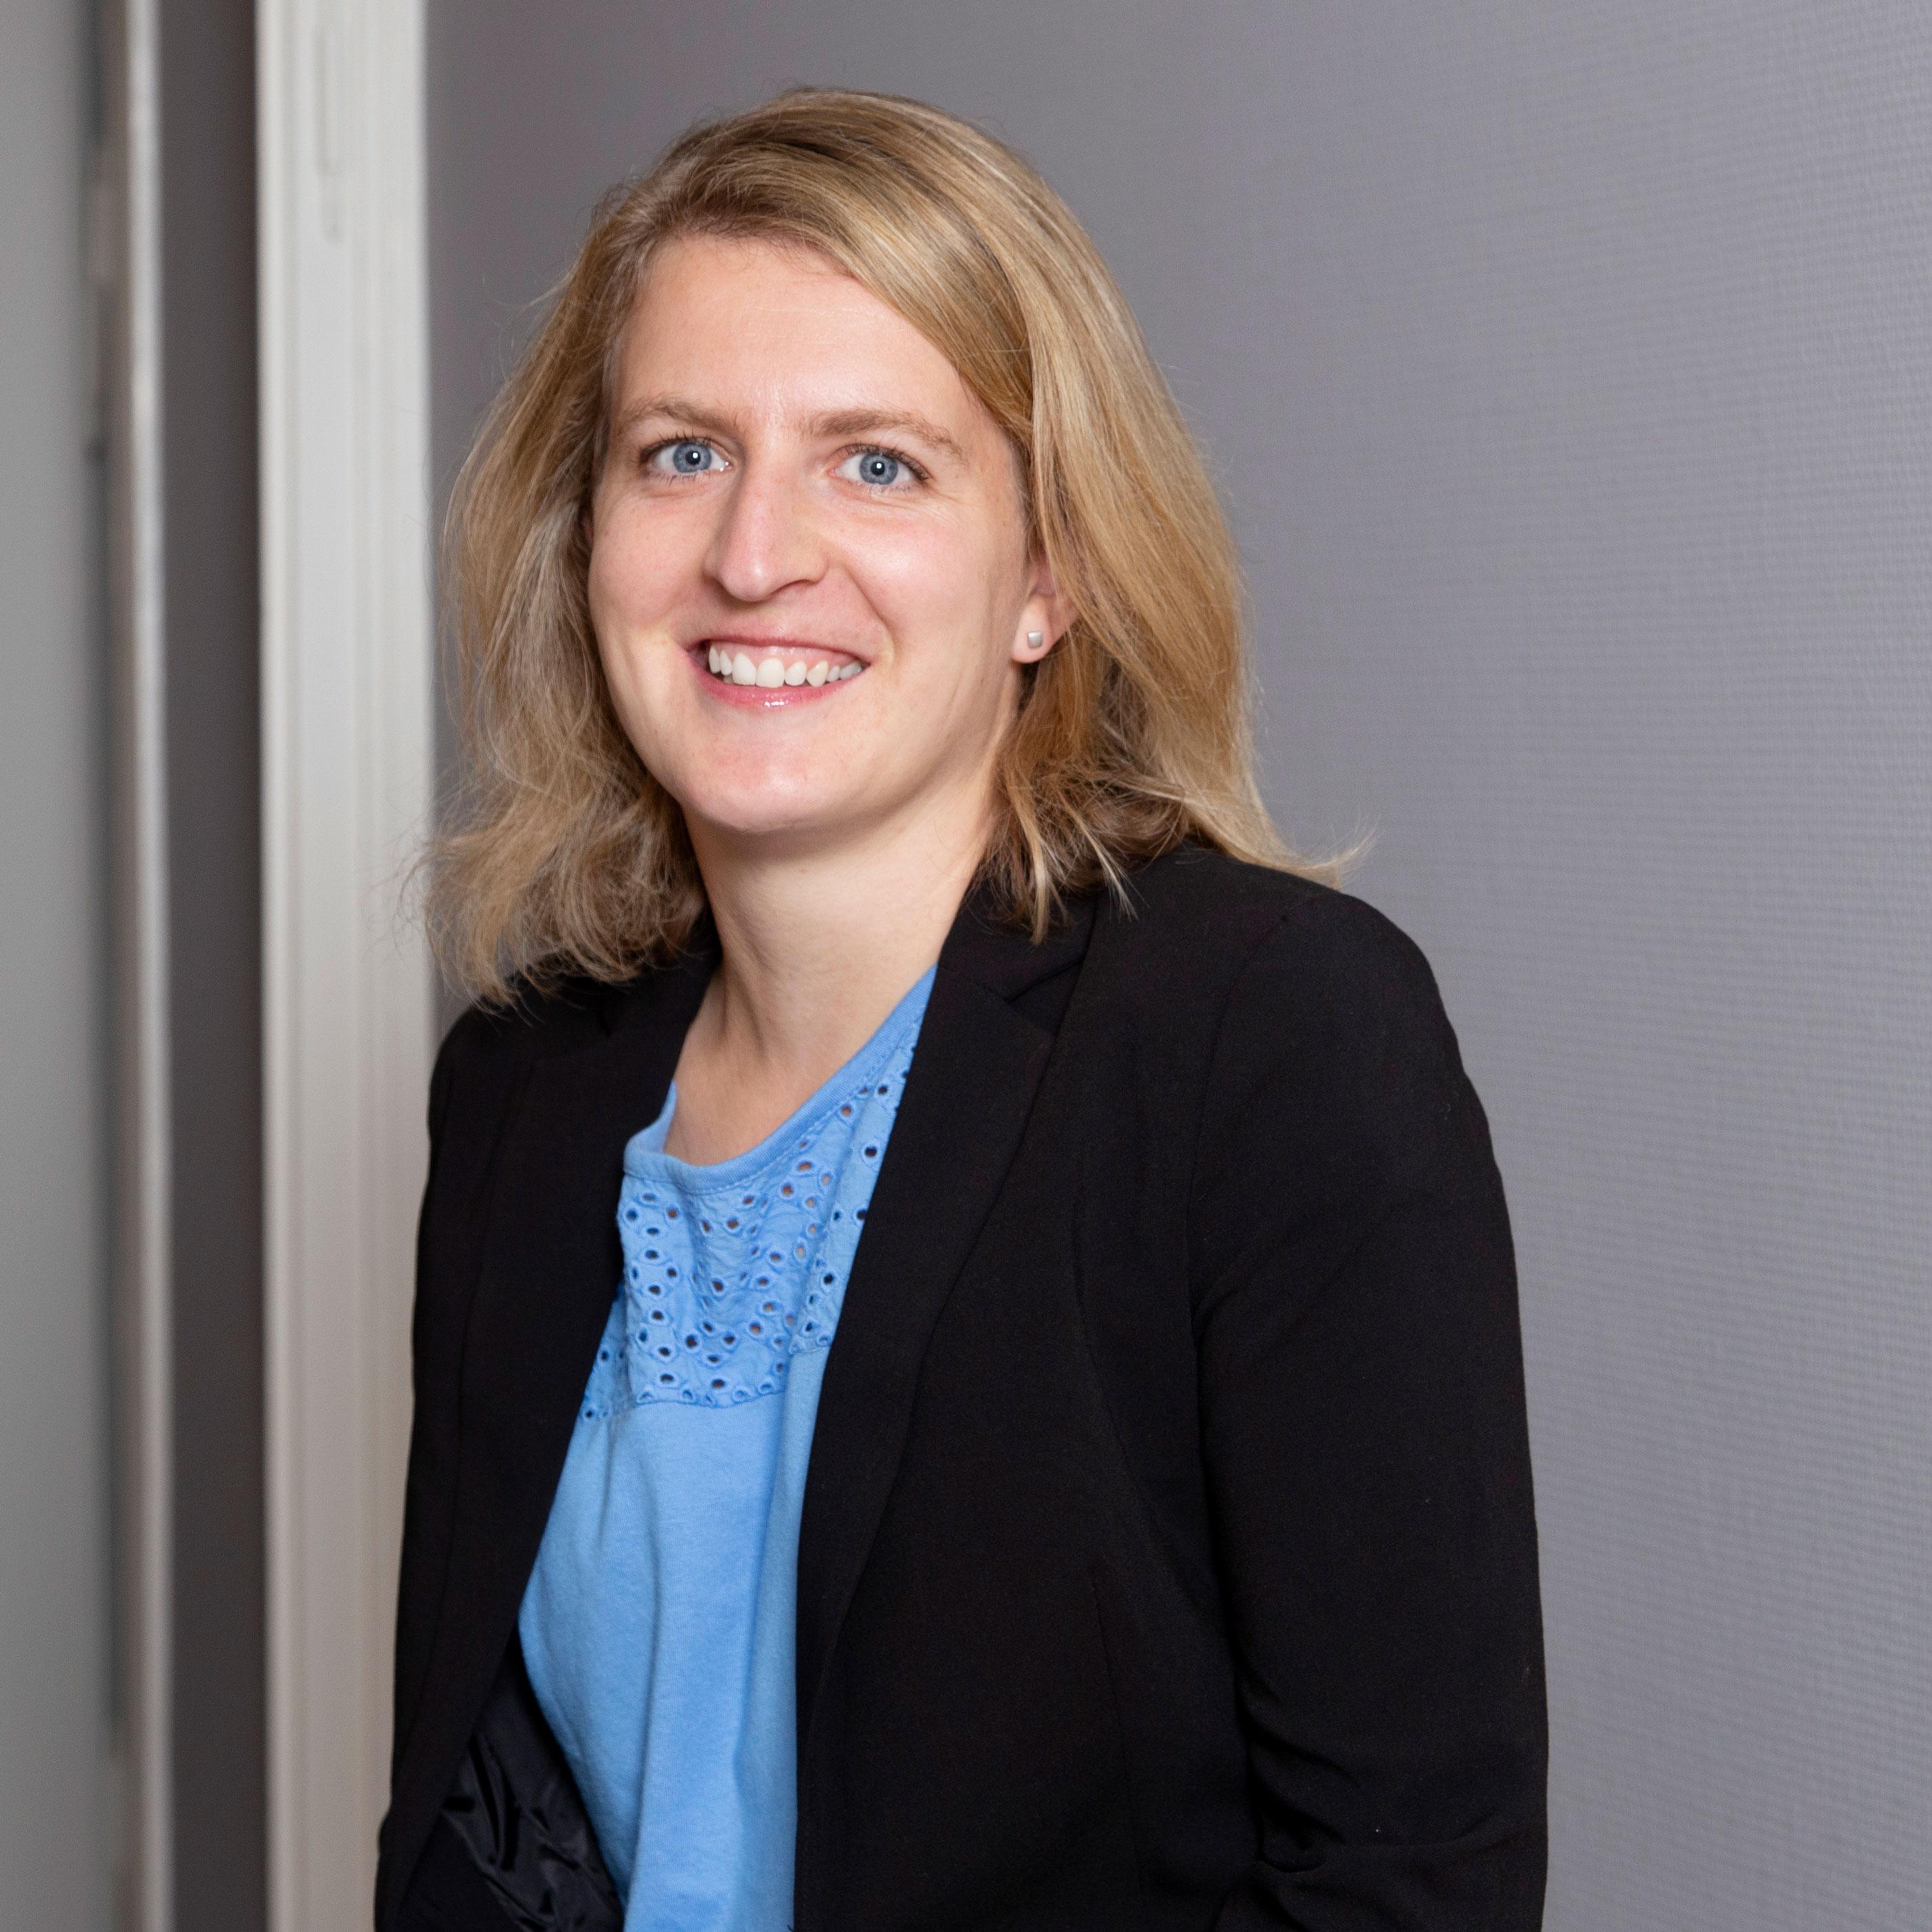 Sabina Raschle